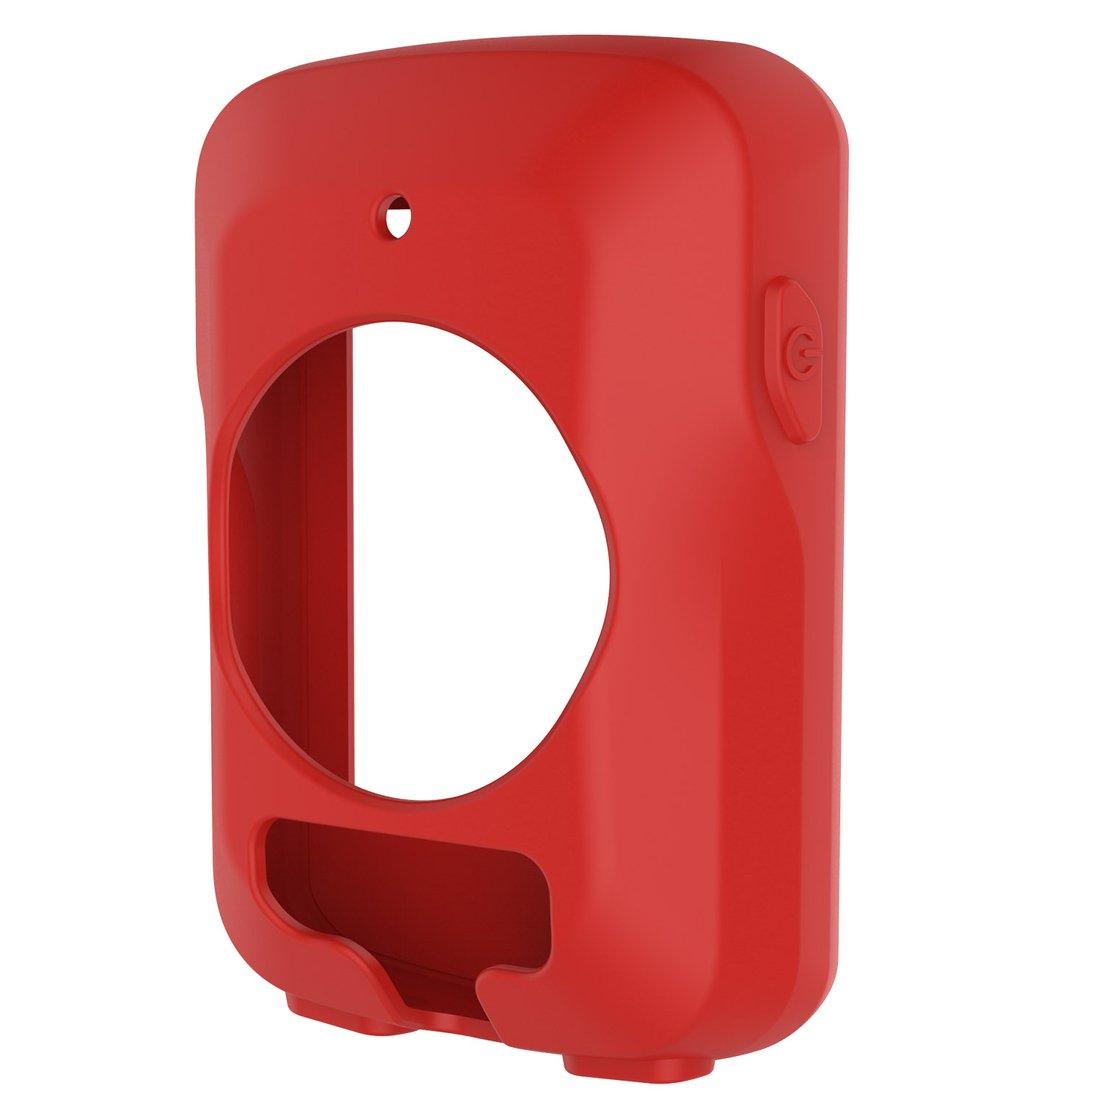 MOTONG Silicone Protective Case For Garmin Edge 820 4332954218 Silicone Red MOTONG Garmin Edge 820 Case